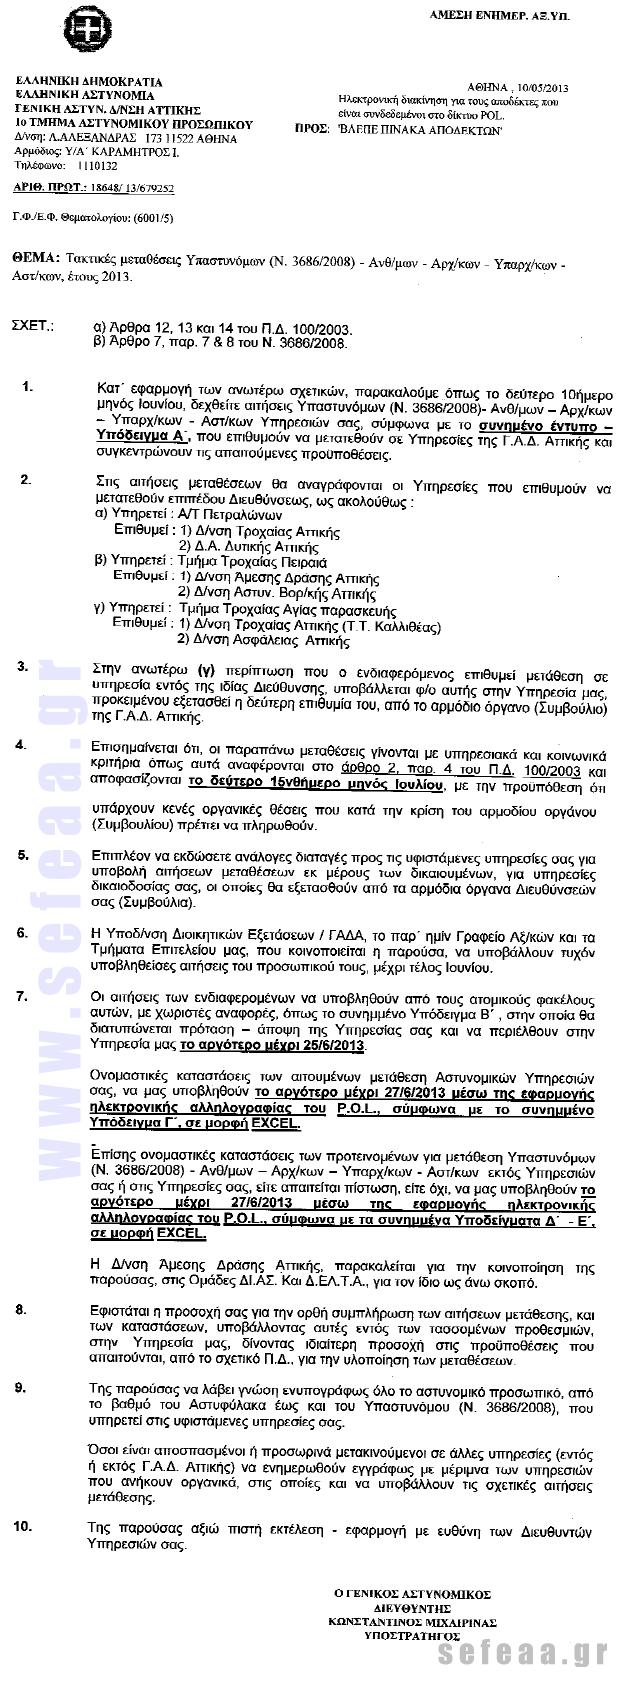 Διαταγή μεταθέσεων εντός ΓΑΔΑ 2013